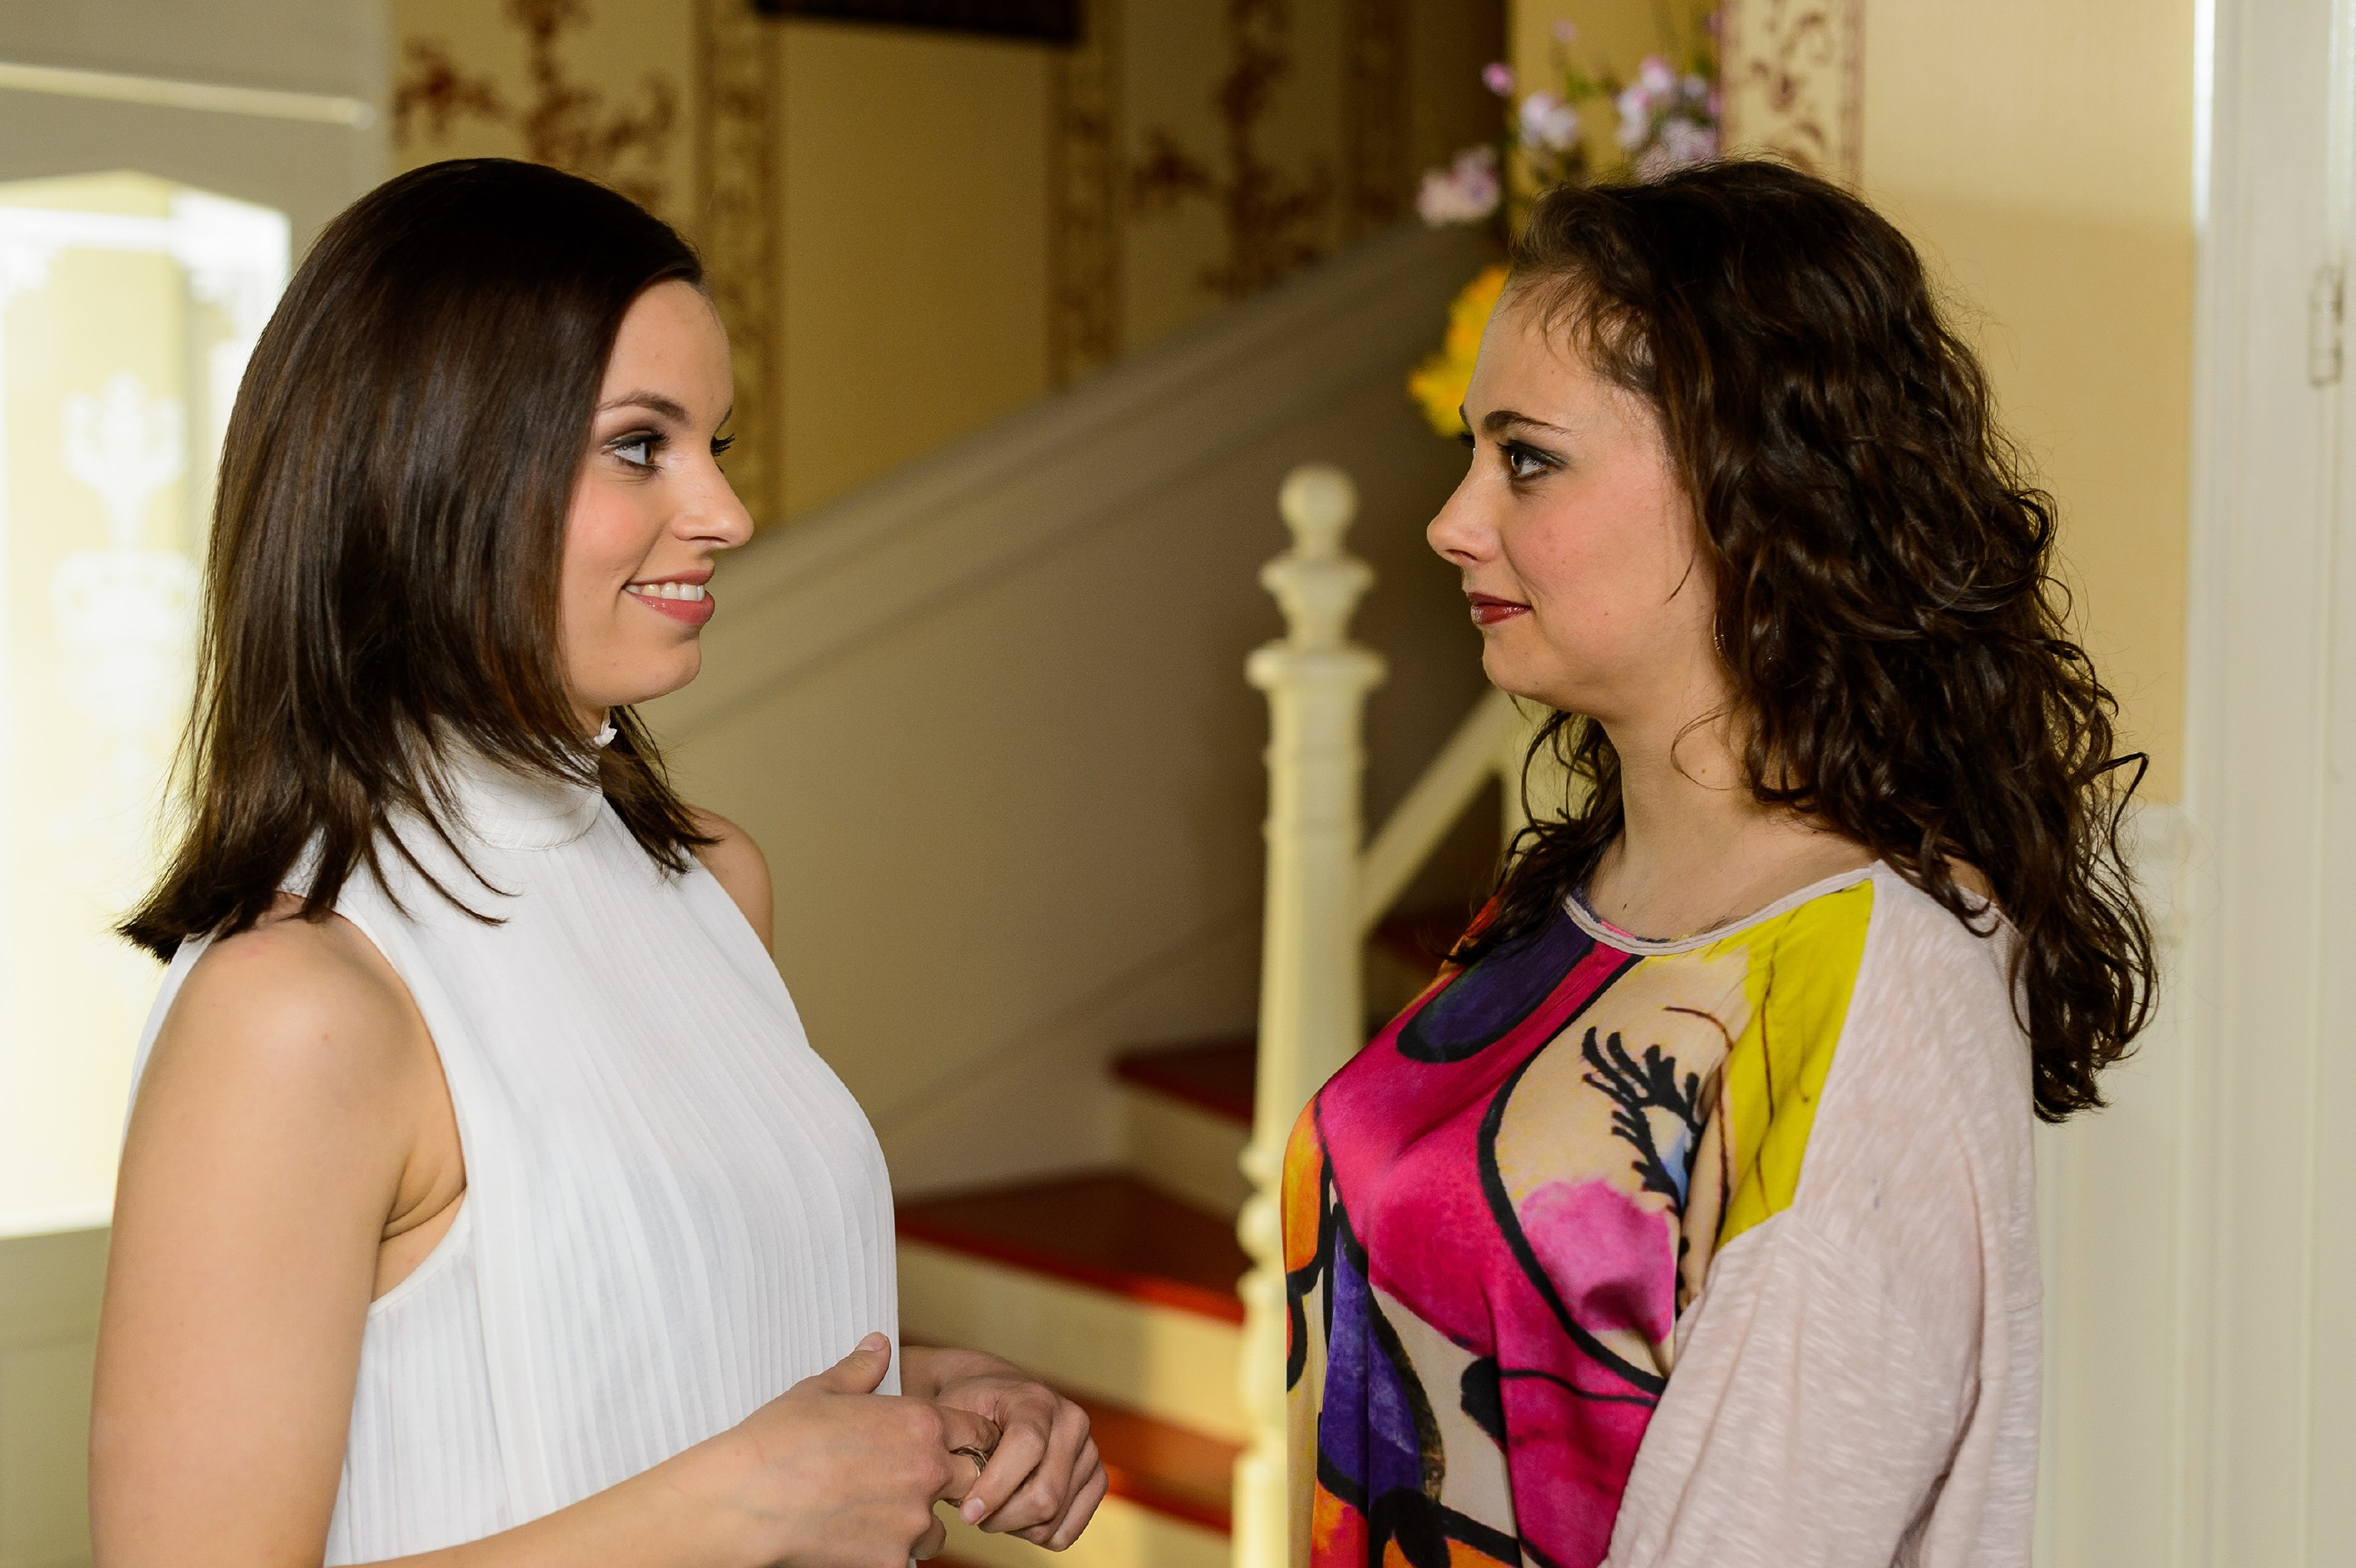 Carmen (Heike Warmuth, r.) versucht vor Michelle (Franziska Benz) zu verbergen, dass sie ihre Gefühle für Richard nicht in den Griff bekommt. (Quelle: RTL / Willi Weber)